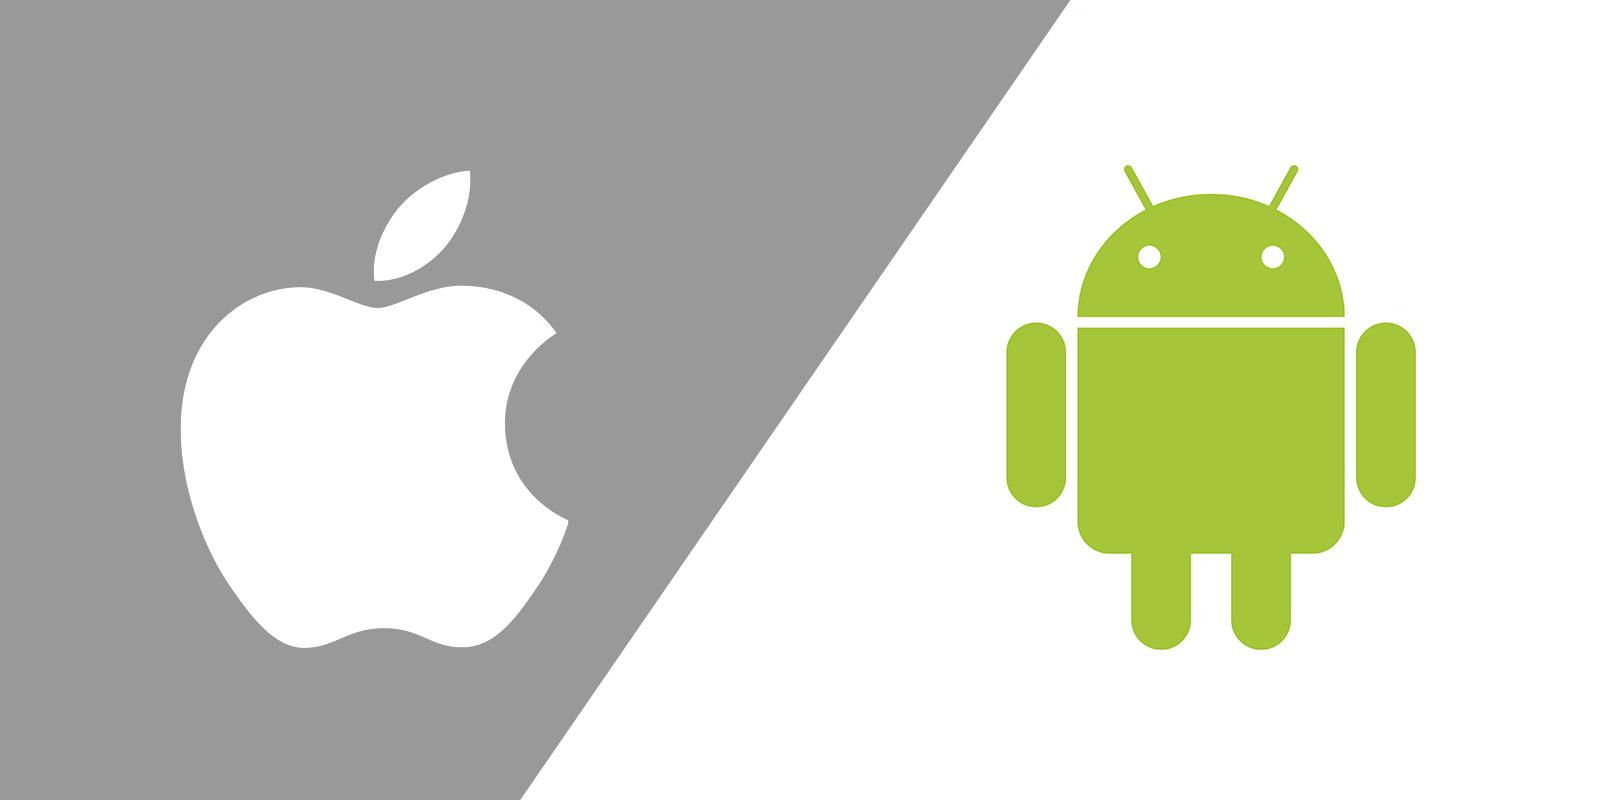 Android ile ios Arasındaki Fark Nedir?